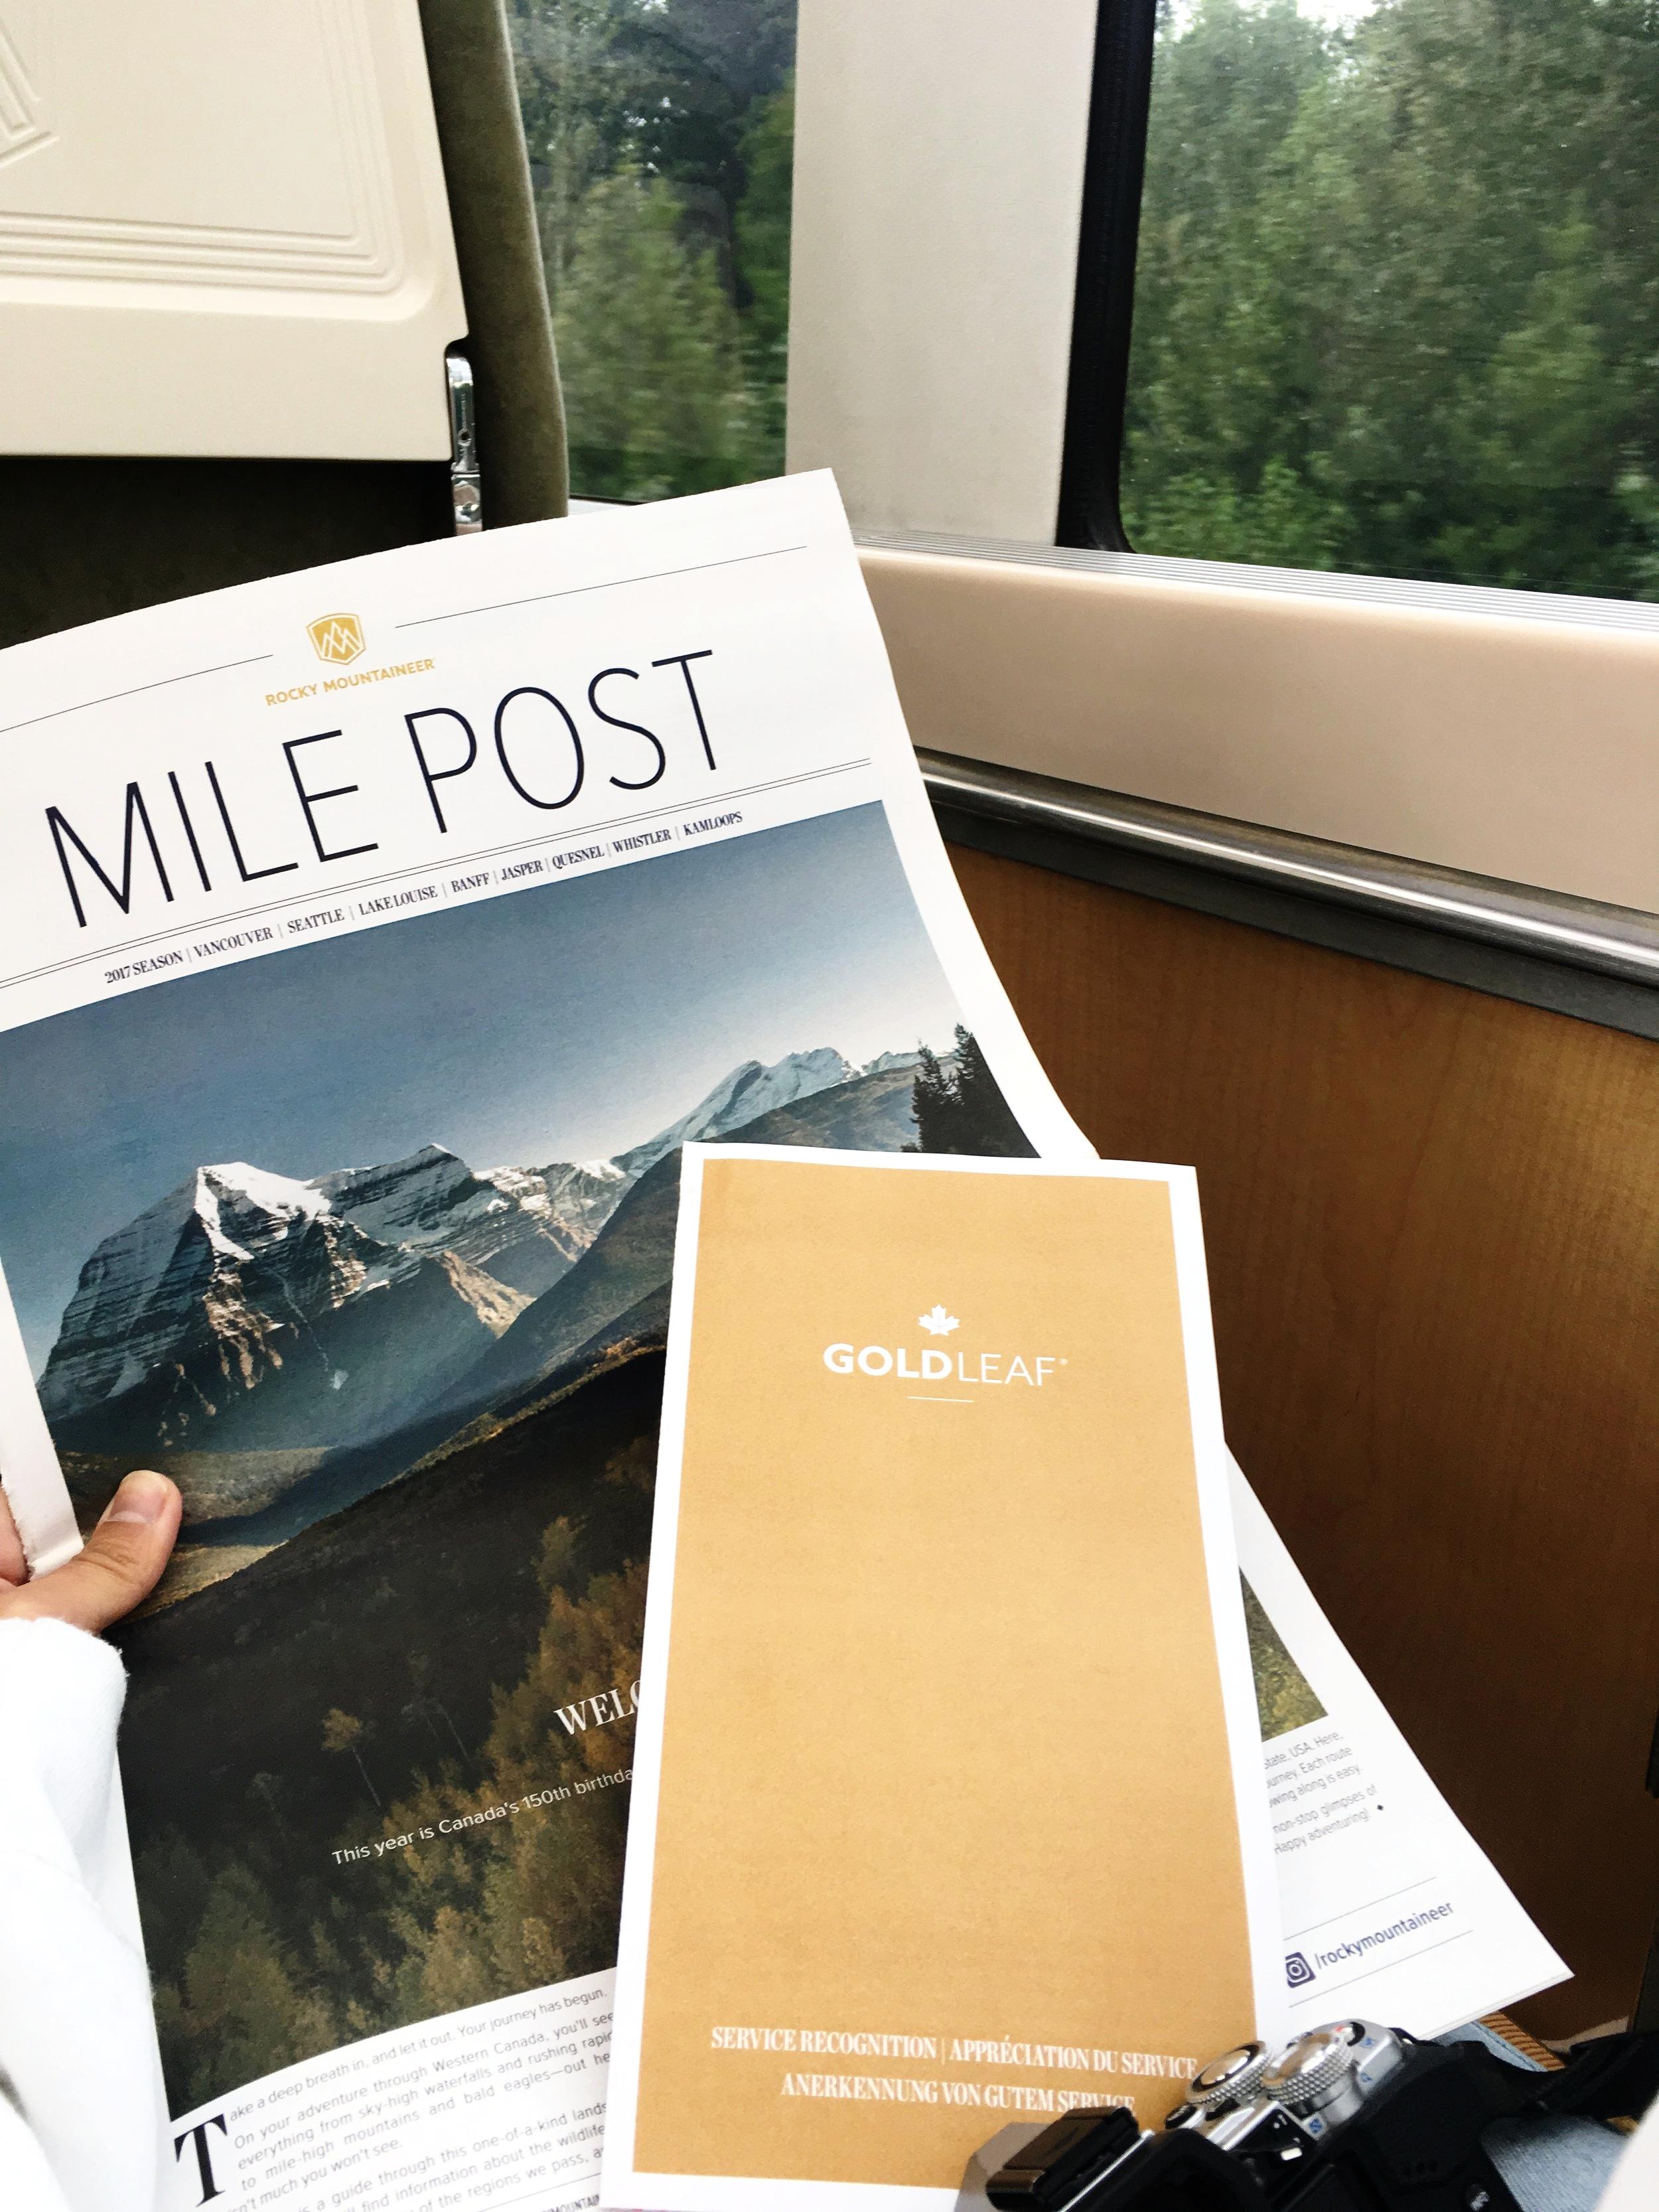 在座位前方會有這份報紙,備有詳細資訊,可找到這次搭乘的路線,會有途經的詳細介紹,挺有意思的!